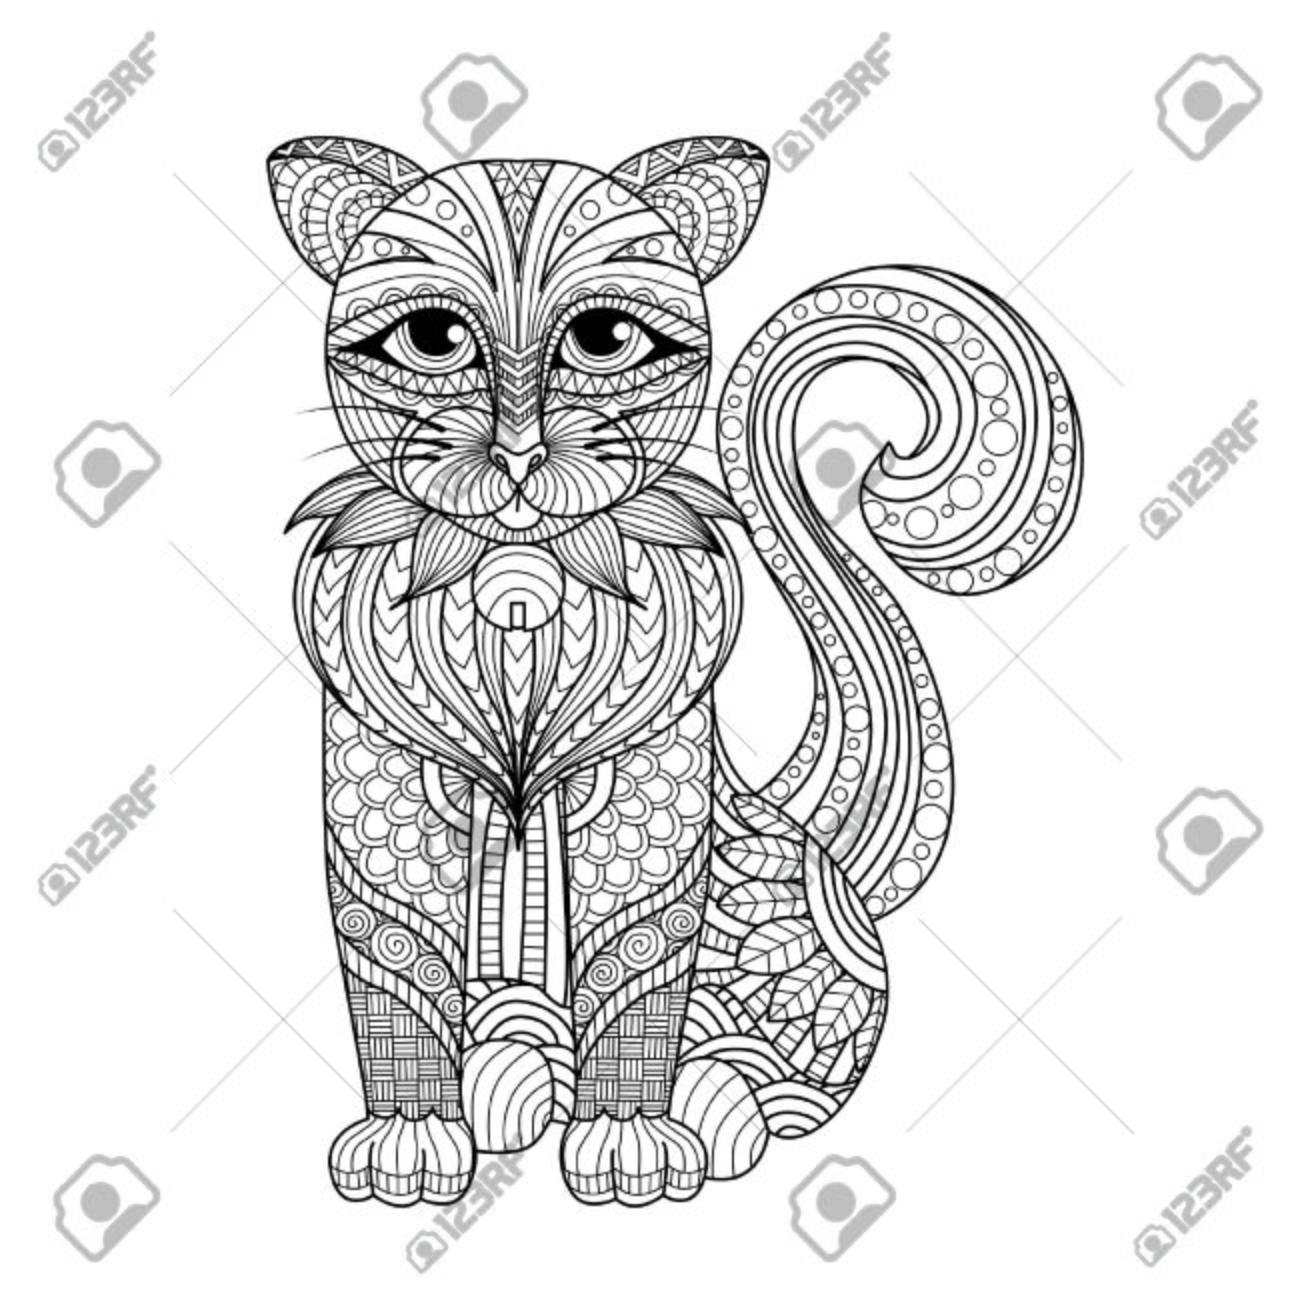 Dibujo Del Gato Para Colorear Página, Camisa Efecto De Diseño ...